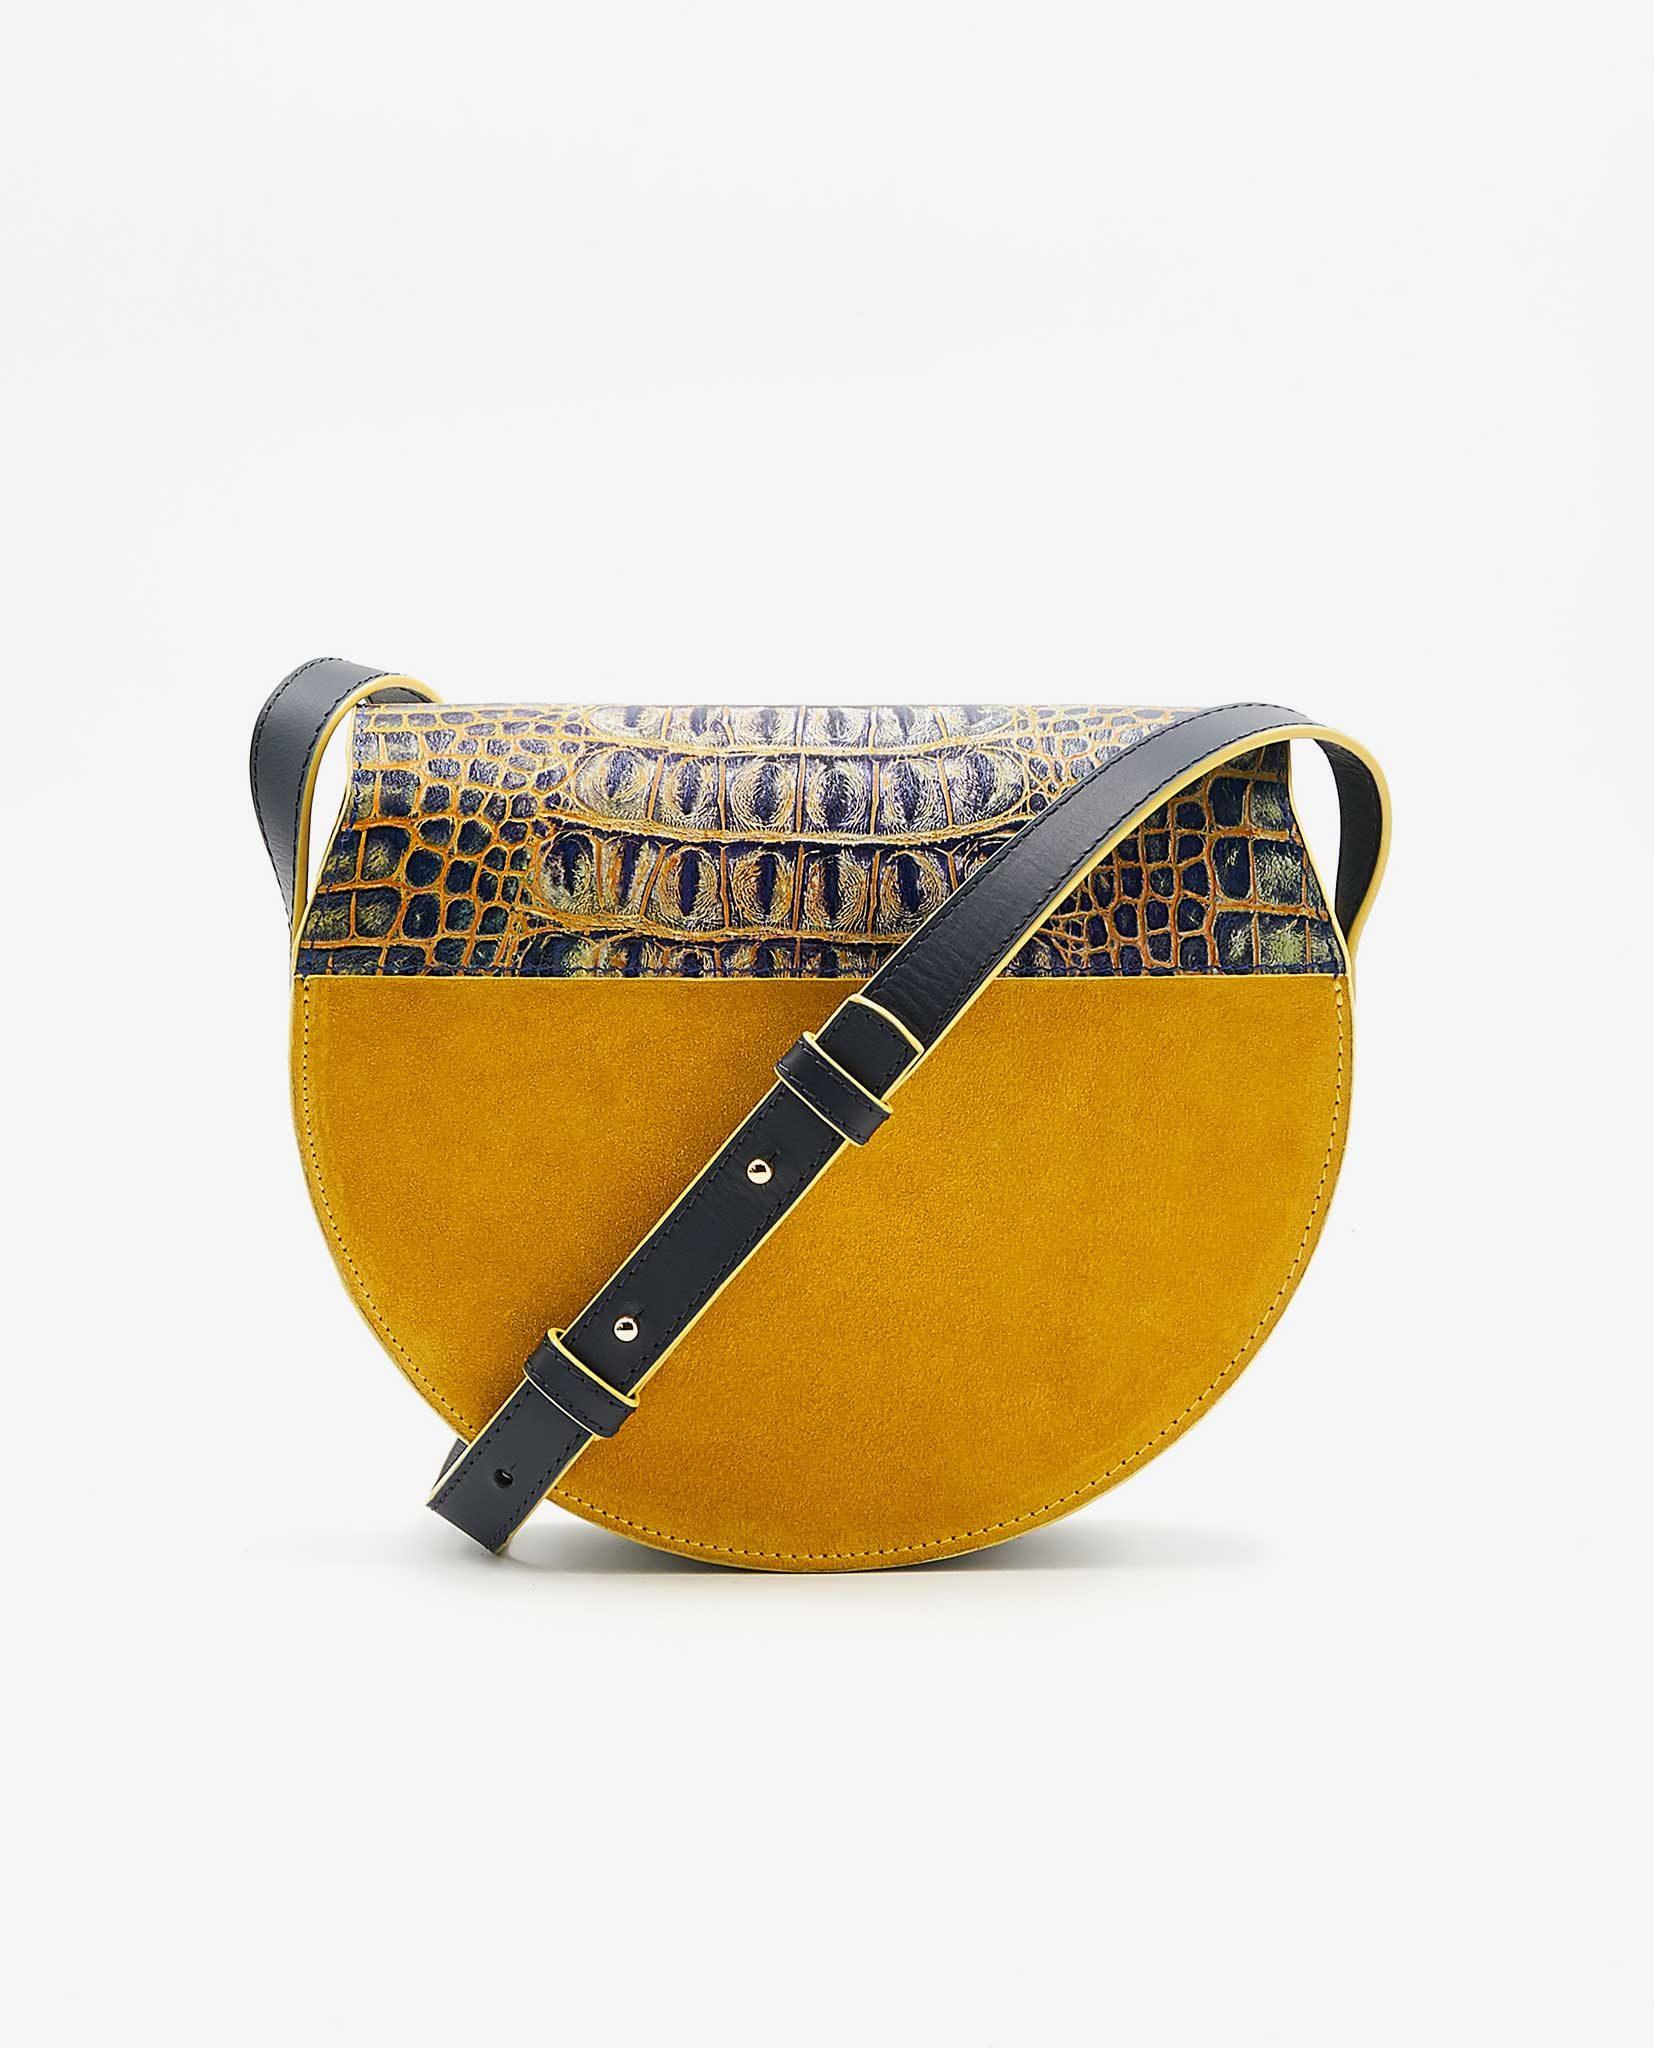 SOOFRE-Berlin-unique-Crossbody-Purse-croco-yellow-yellow-BACK